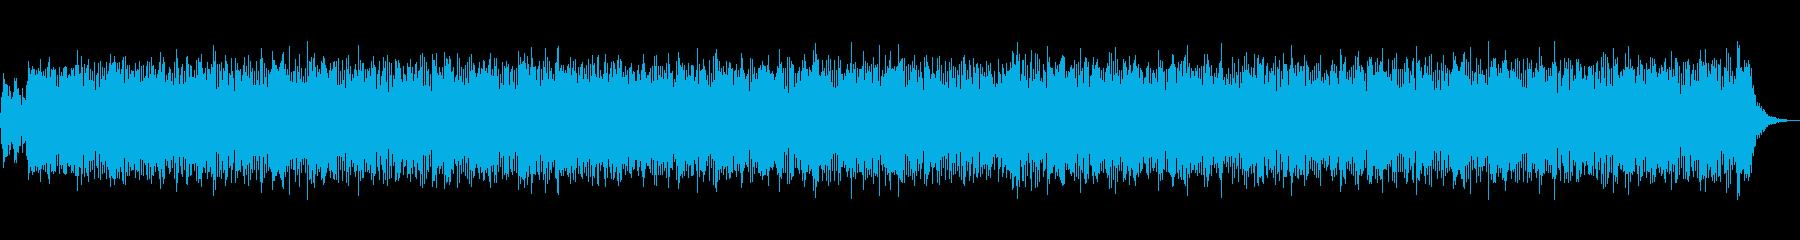 映画風エピックオーケストラの再生済みの波形